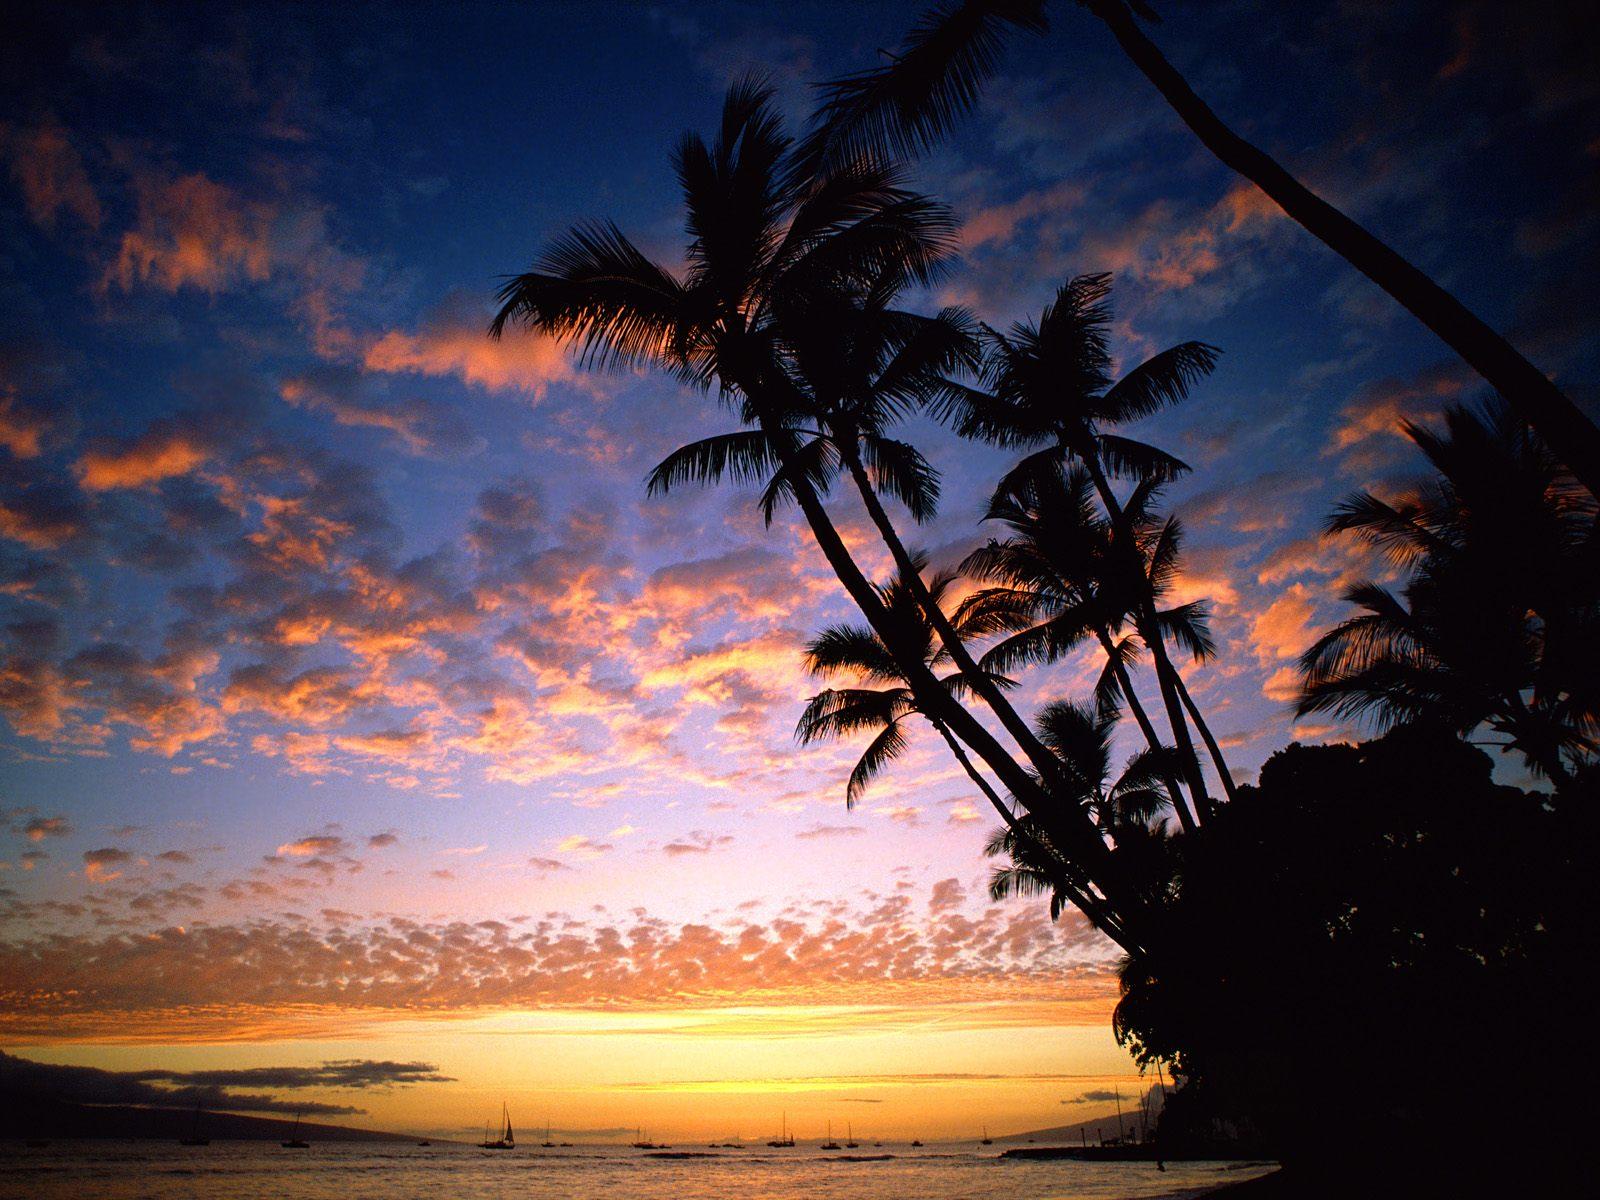 Hawaii Beach Sunset Wallpaper 1600x1200